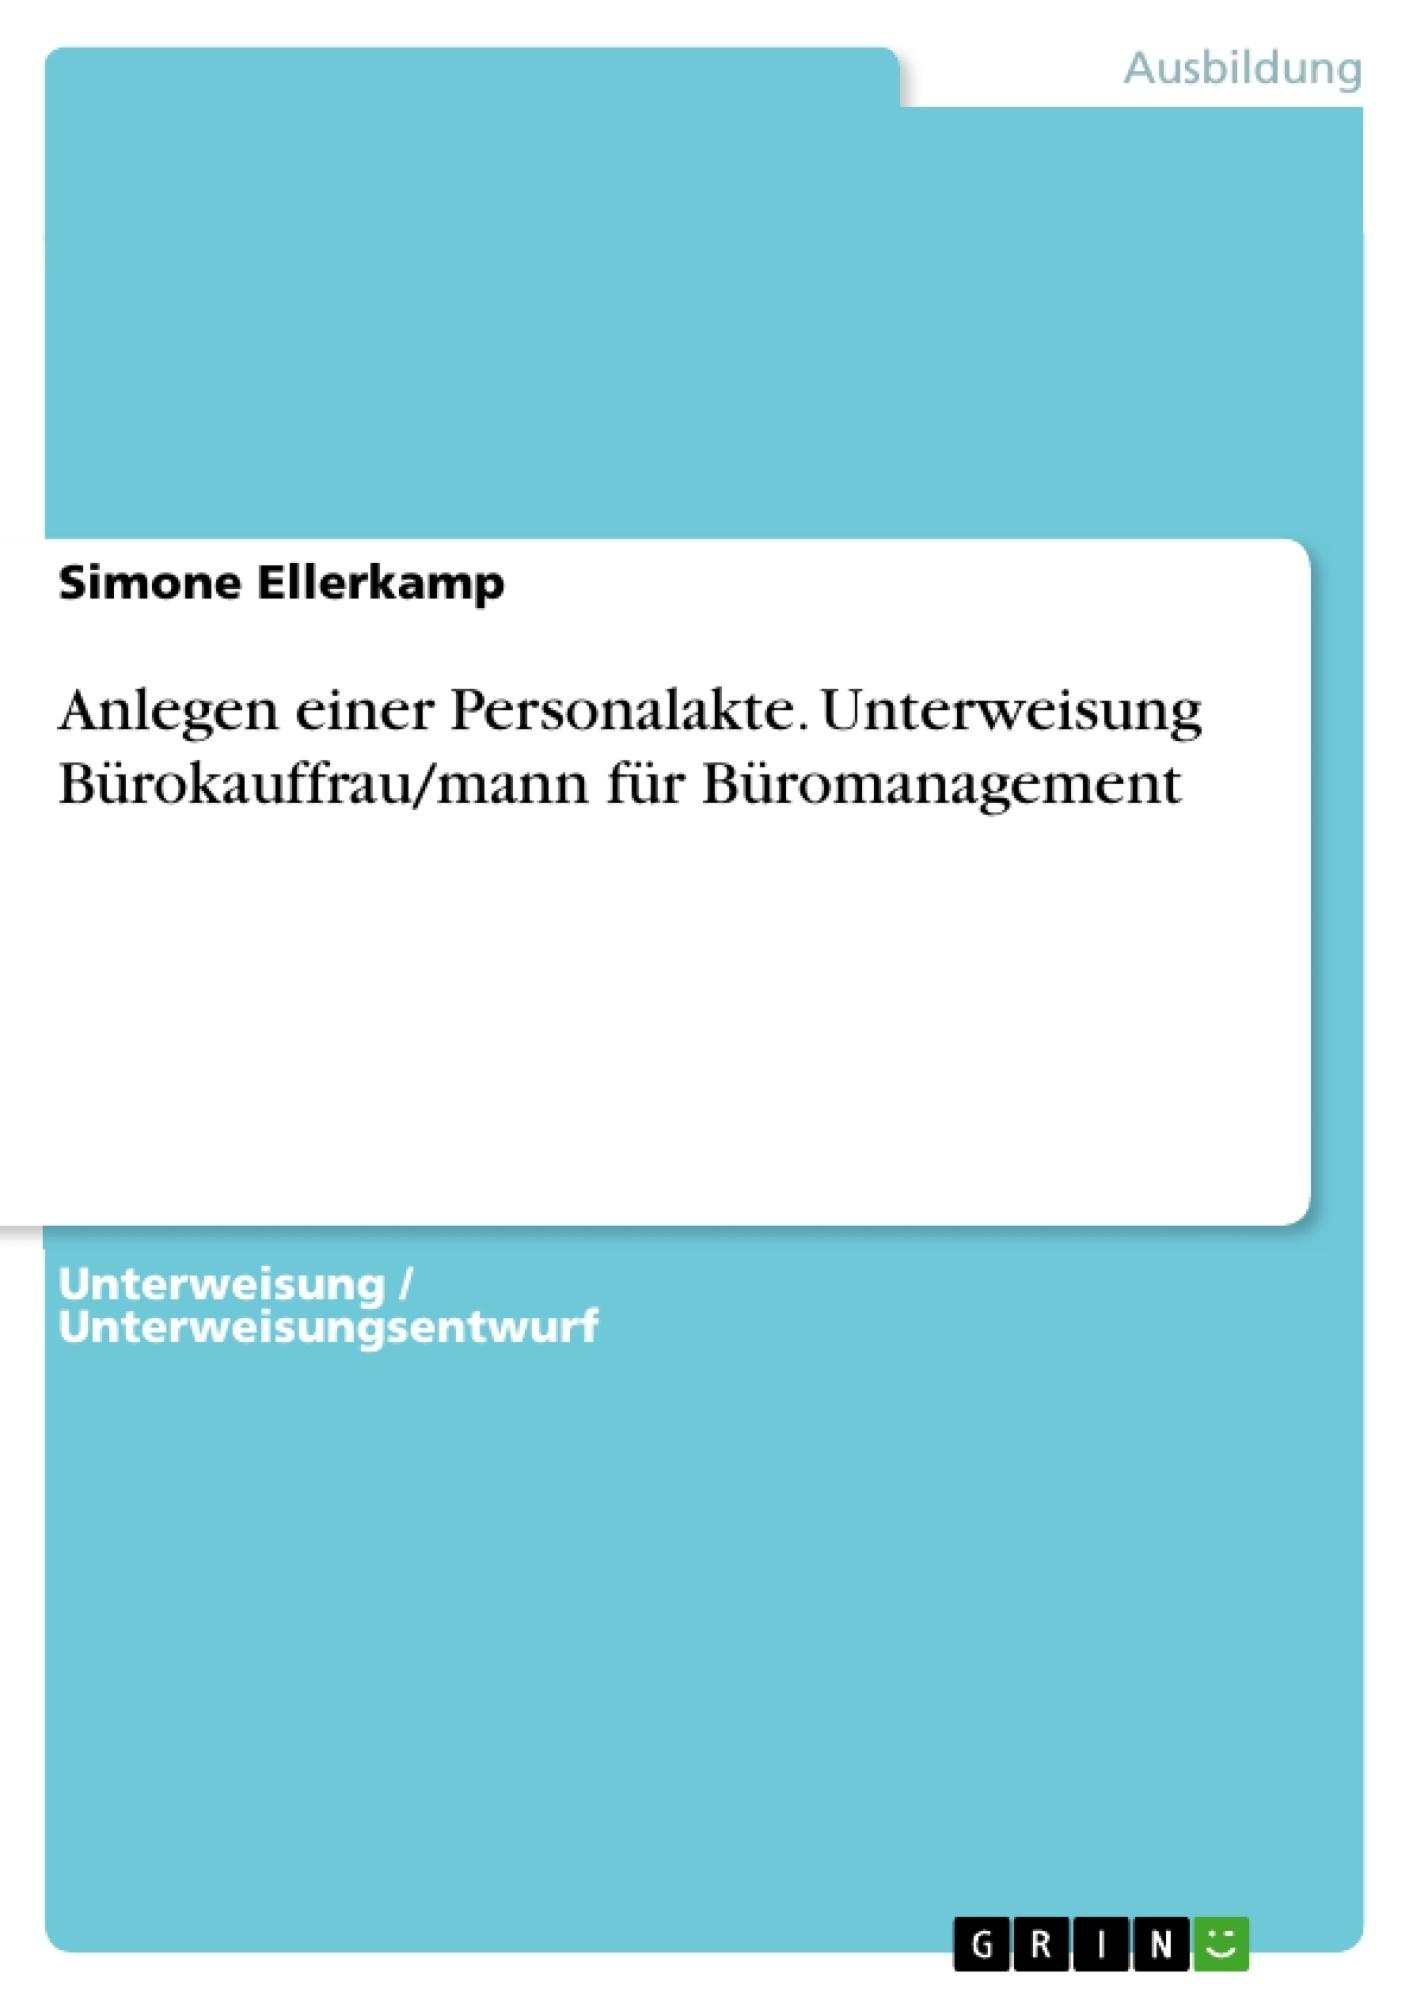 Titel: Anlegen einer Personalakte. Unterweisung Bürokauffrau/mann für Büromanagement